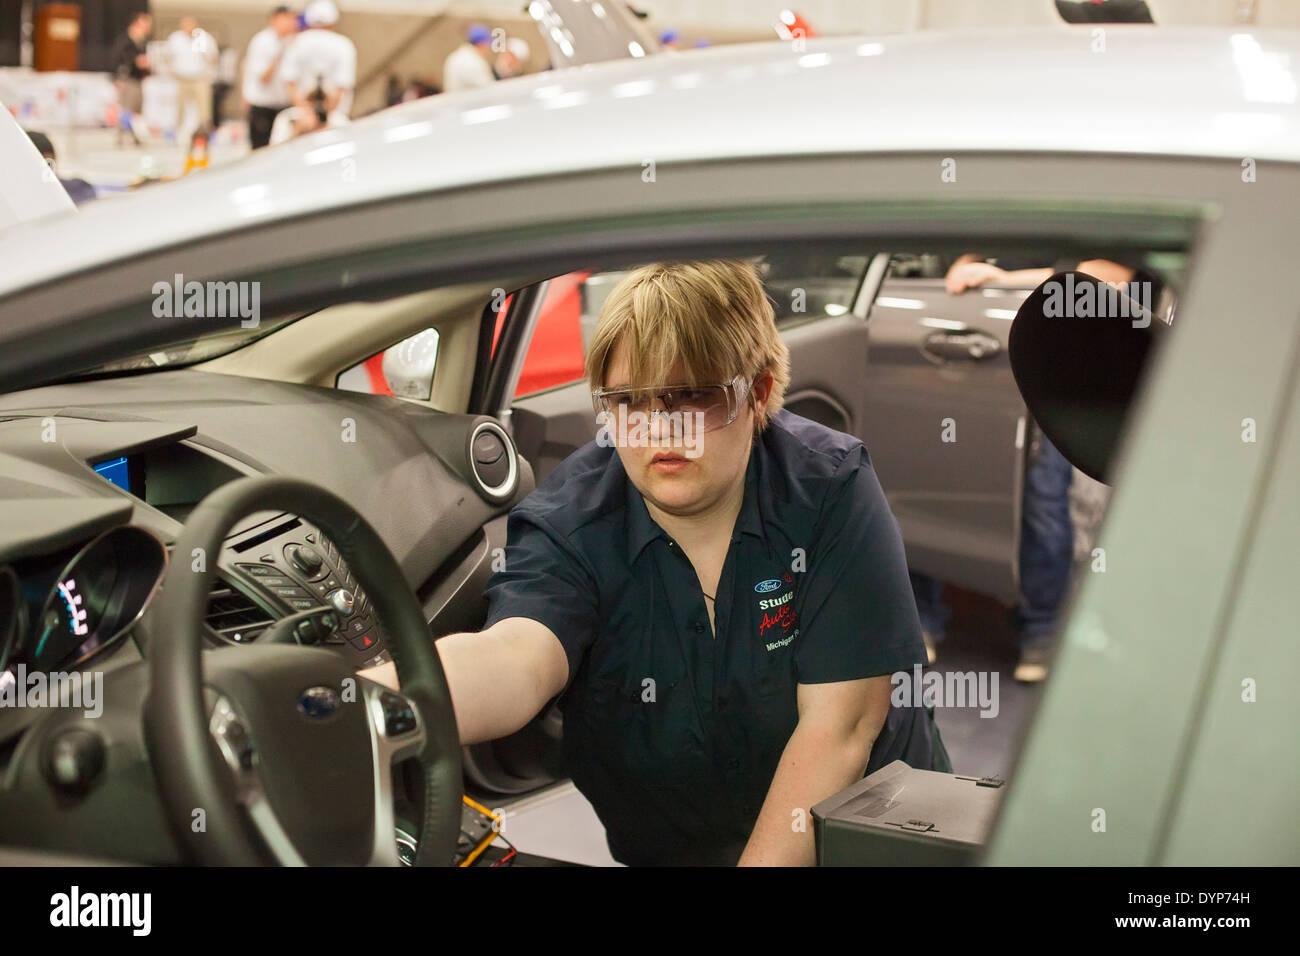 Schülerinnen und Schüler teilnehmen an Auto-Reparatur-Wettbewerb Stockbild